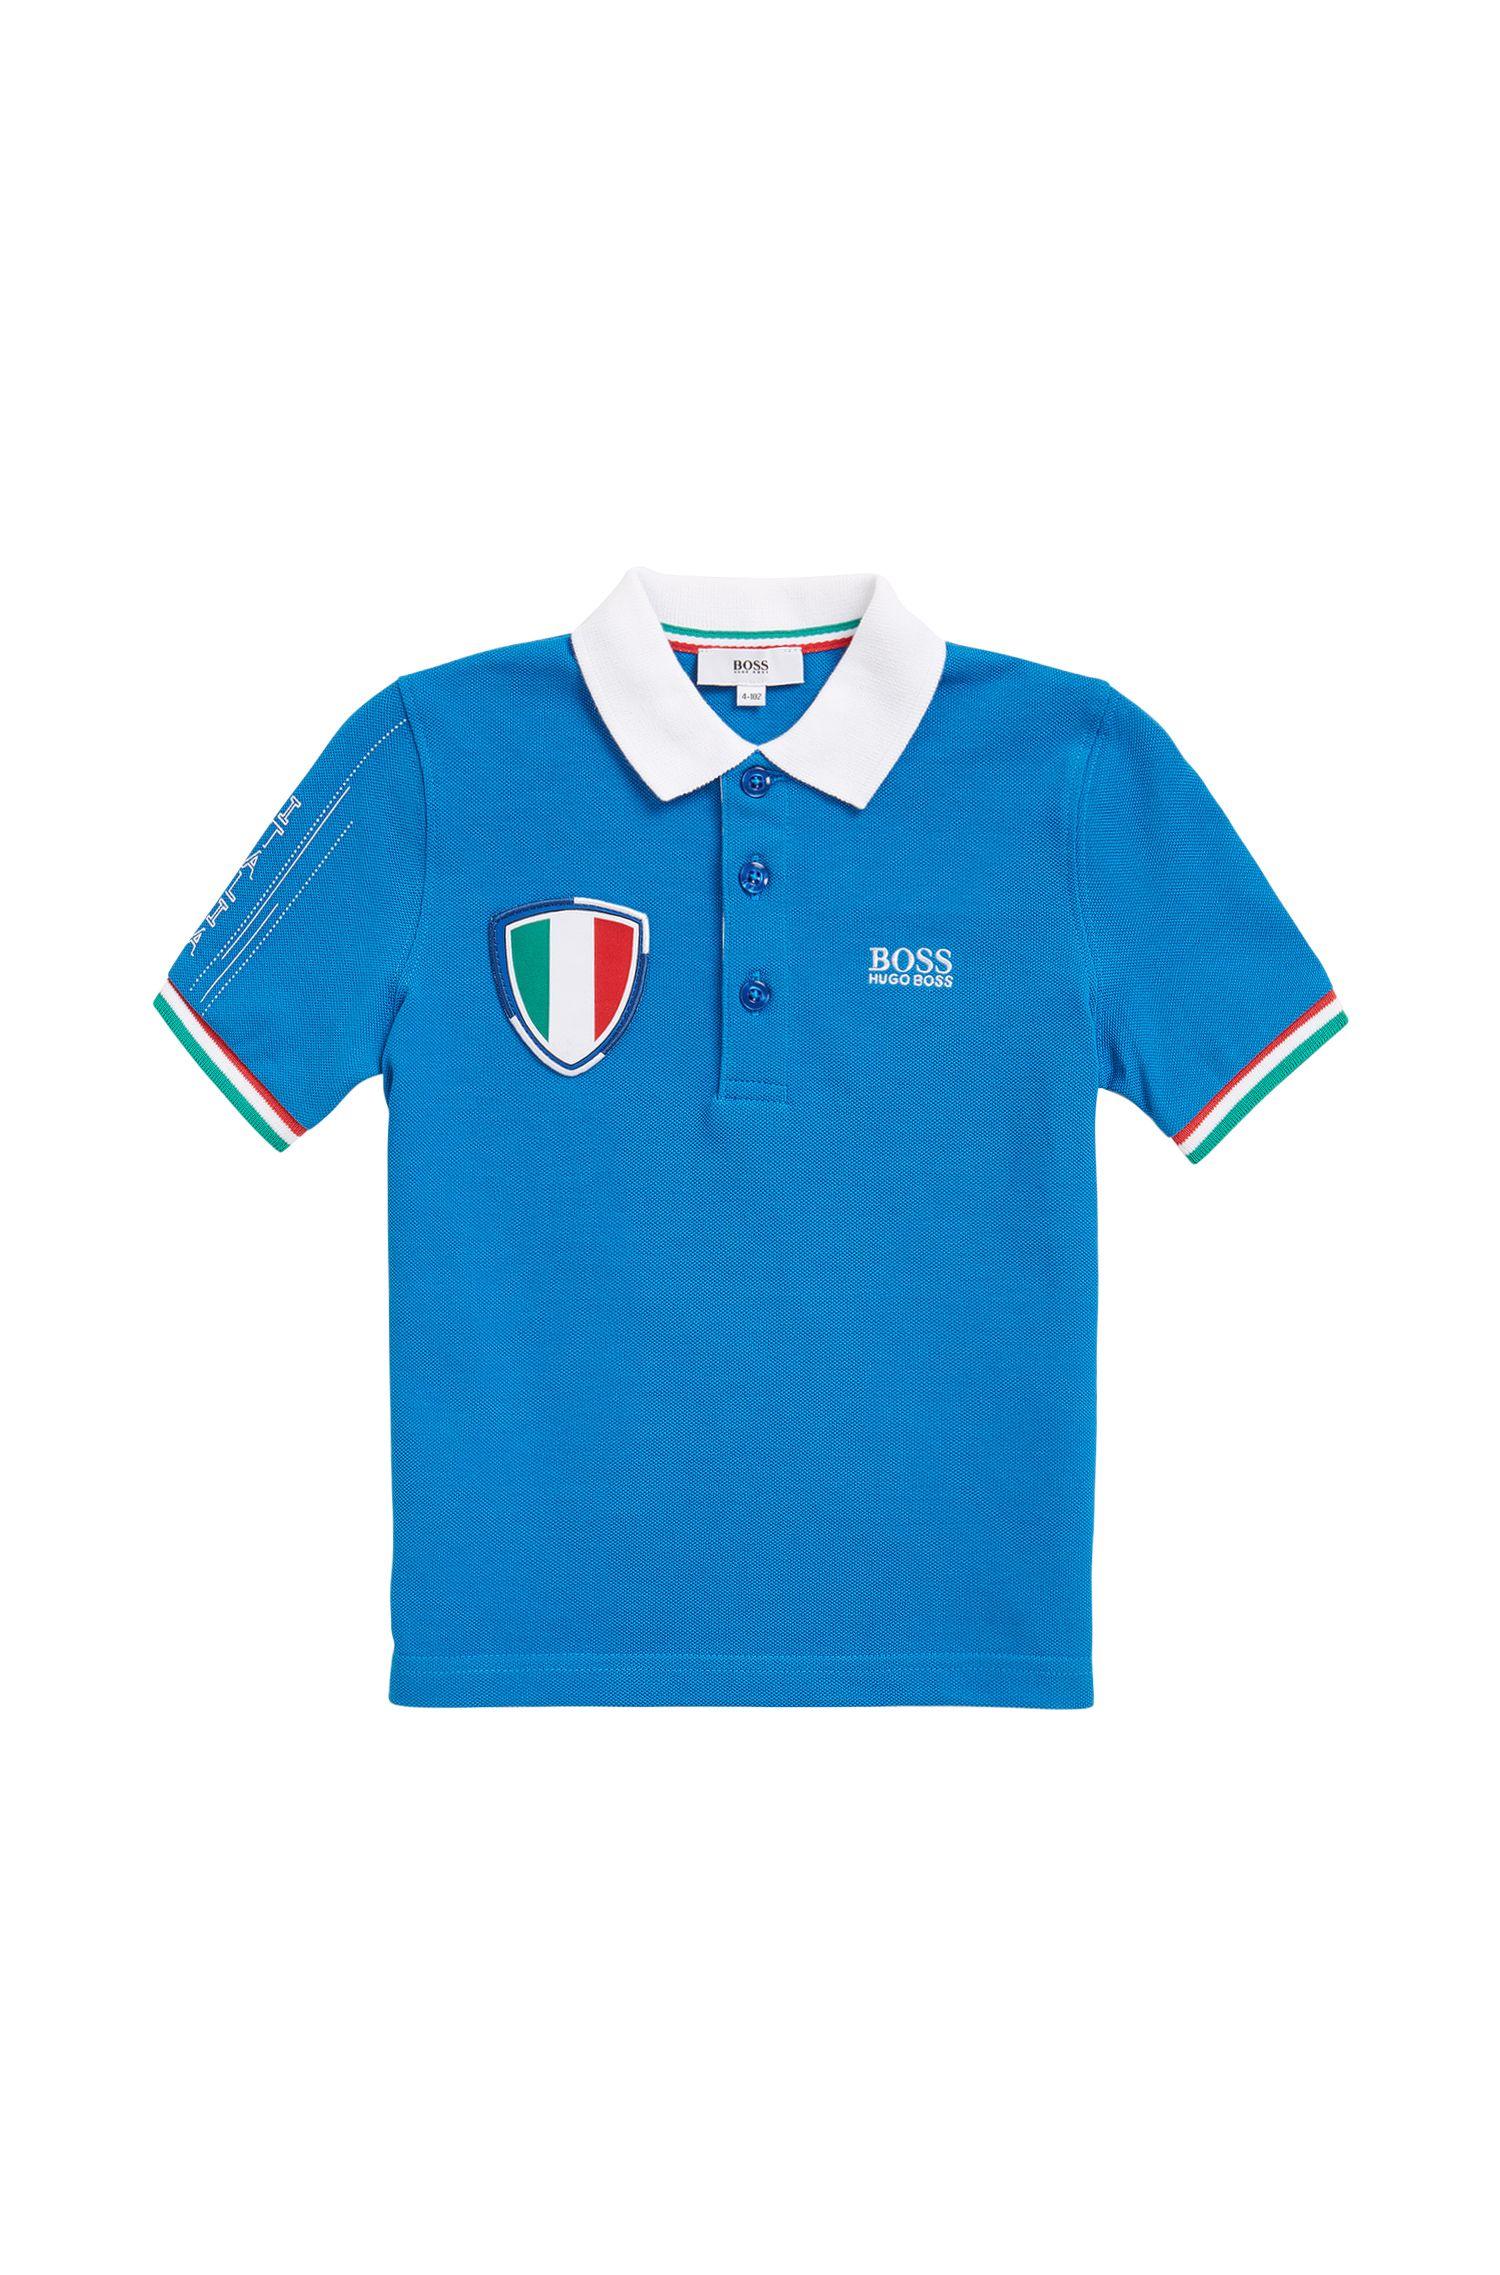 Kinderpolo in piqué in de kleuren van het Italiaanse voetbalteam